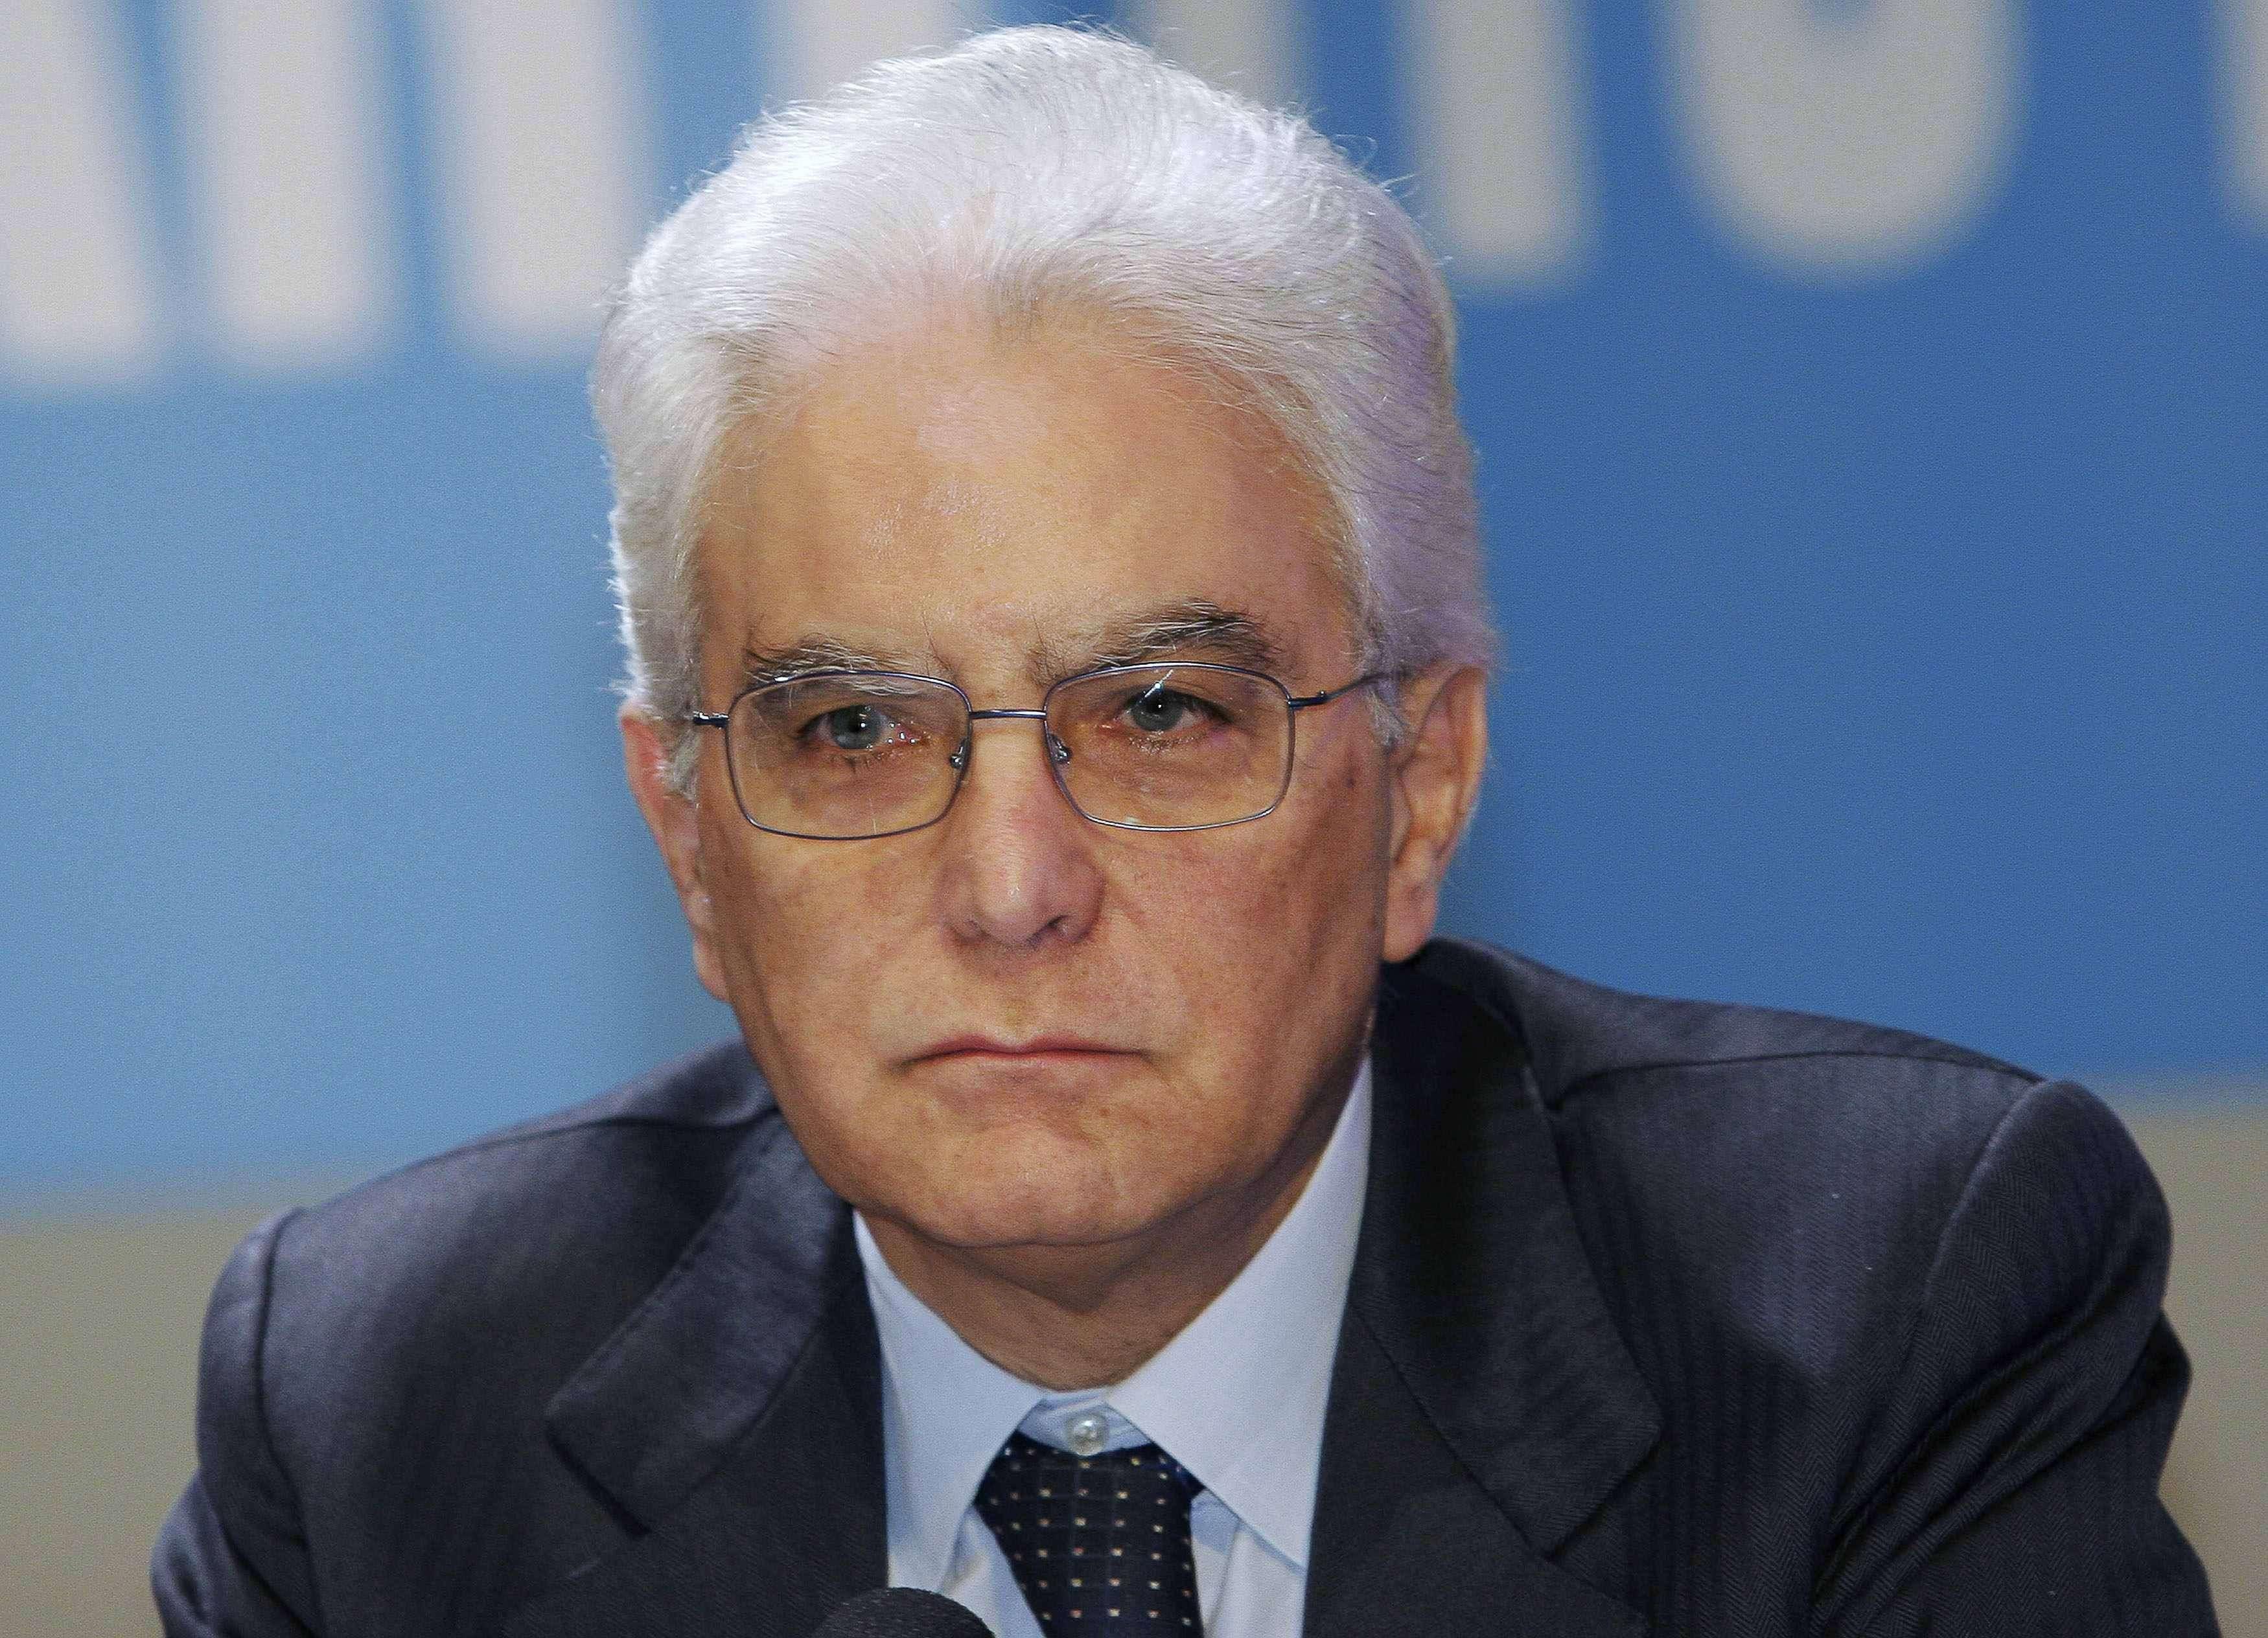 El magistrado del Tribunal Constitucional tiene 73 años y reemplazará a Giorgio Napolitano Foto: Reuters